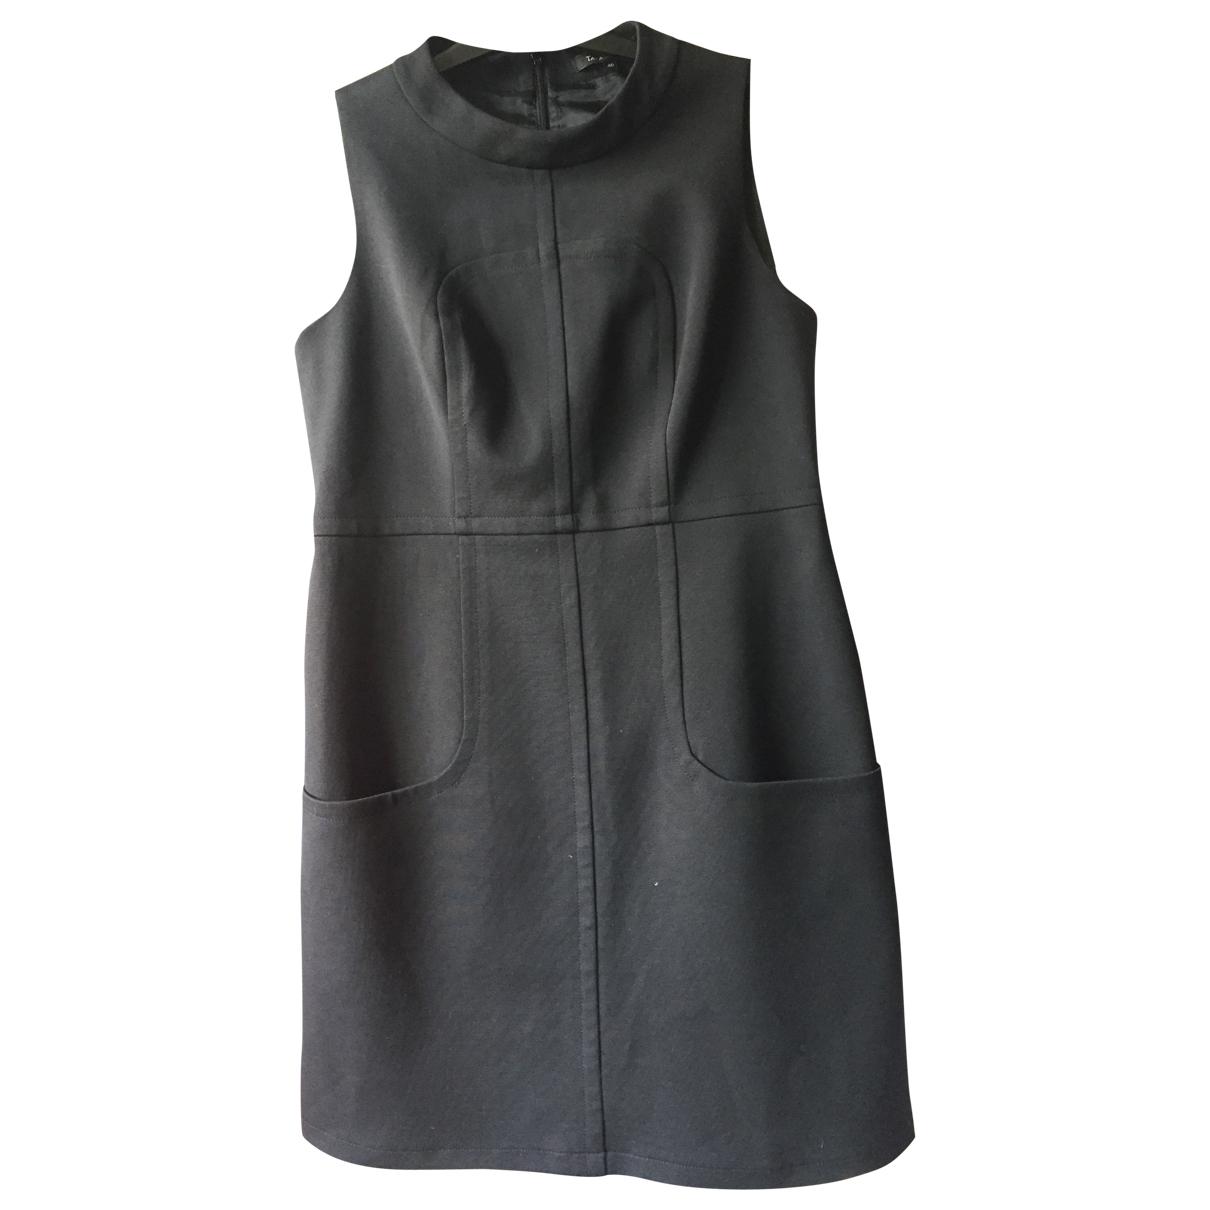 Tara Jarmon \N Kleid in  Schwarz Baumwolle - Elasthan